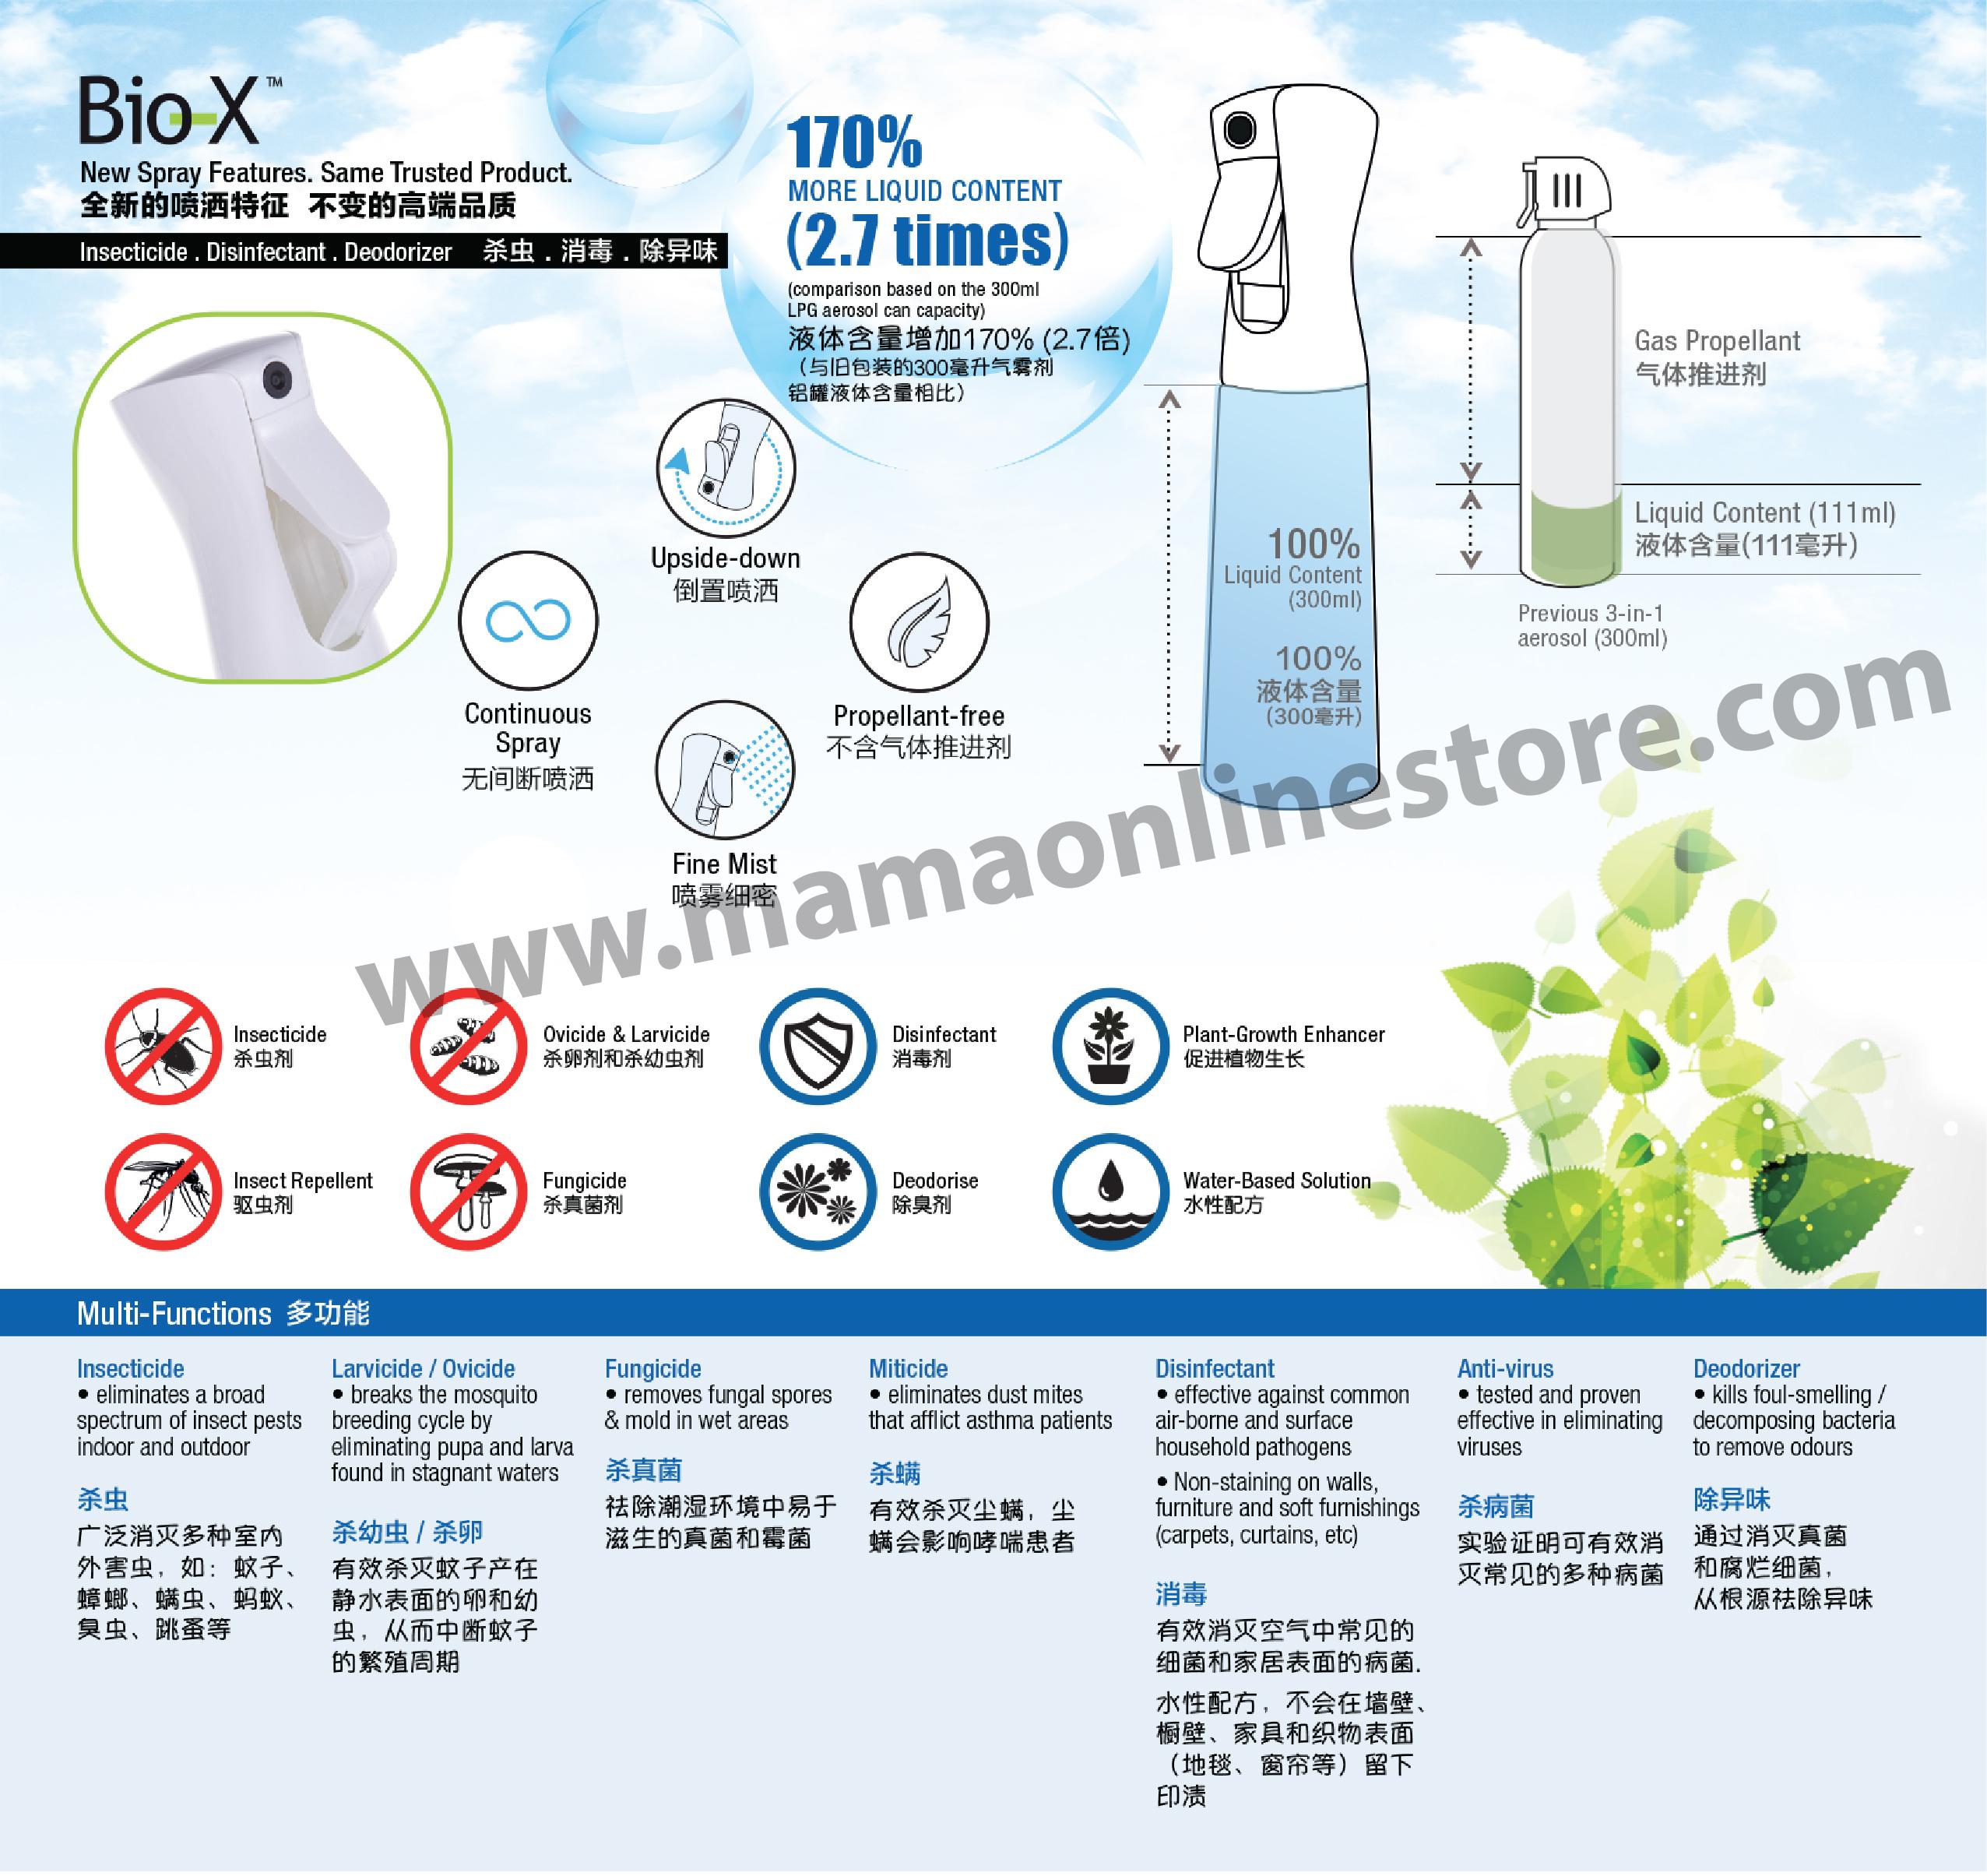 BioX_3in1HS_Brochure_en2.jpg